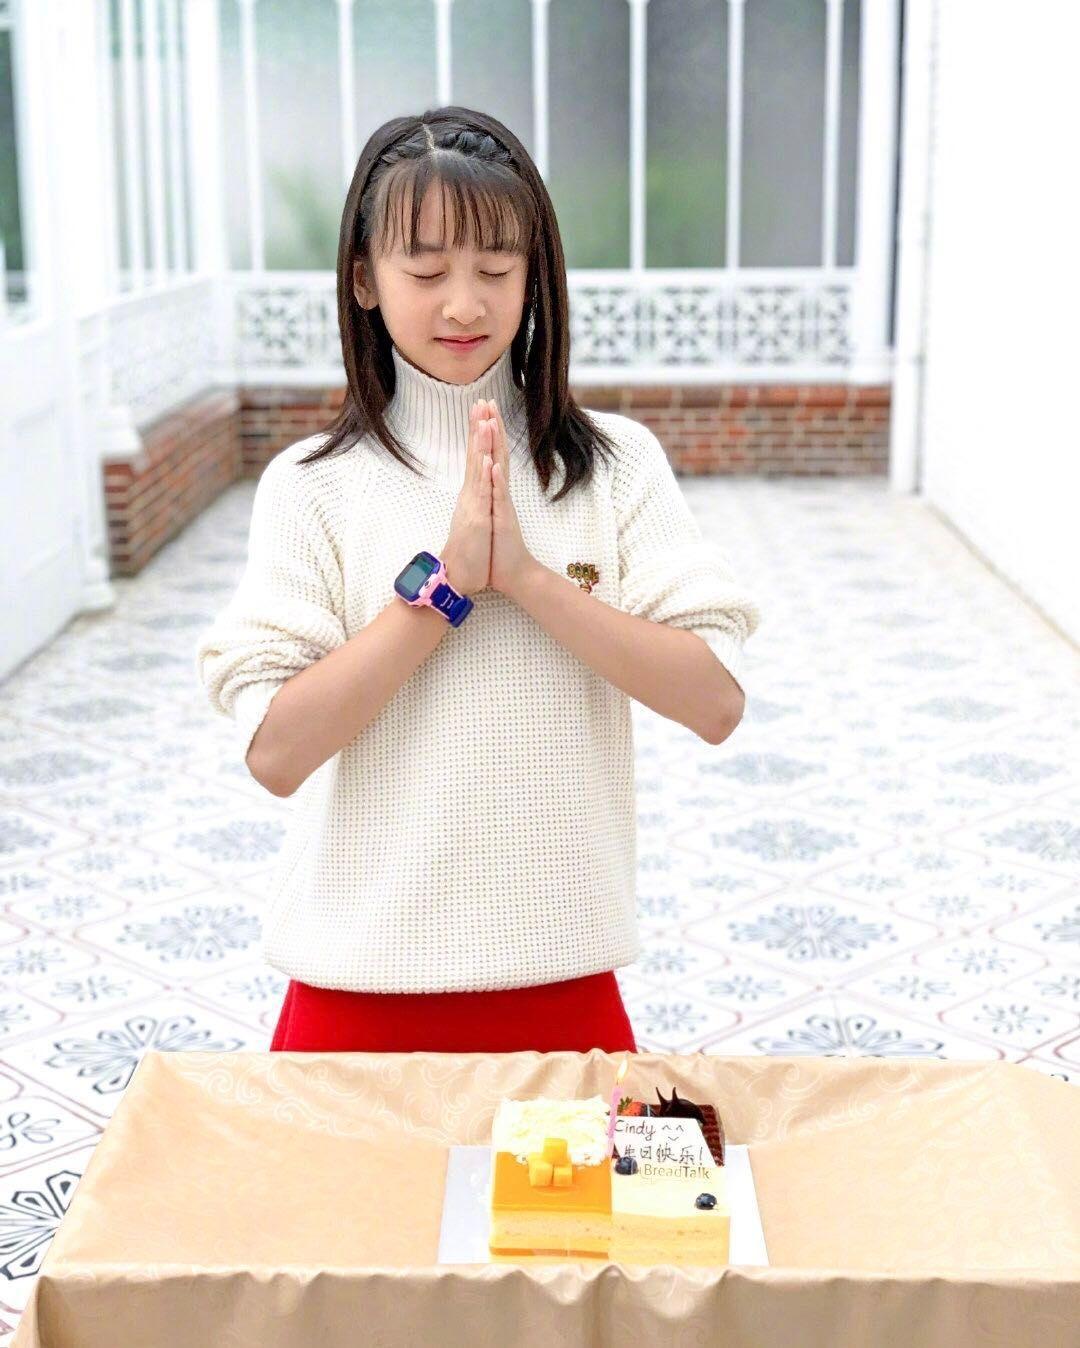 田亮叶一茜为女儿森蝶庆祝生日 中国青年网